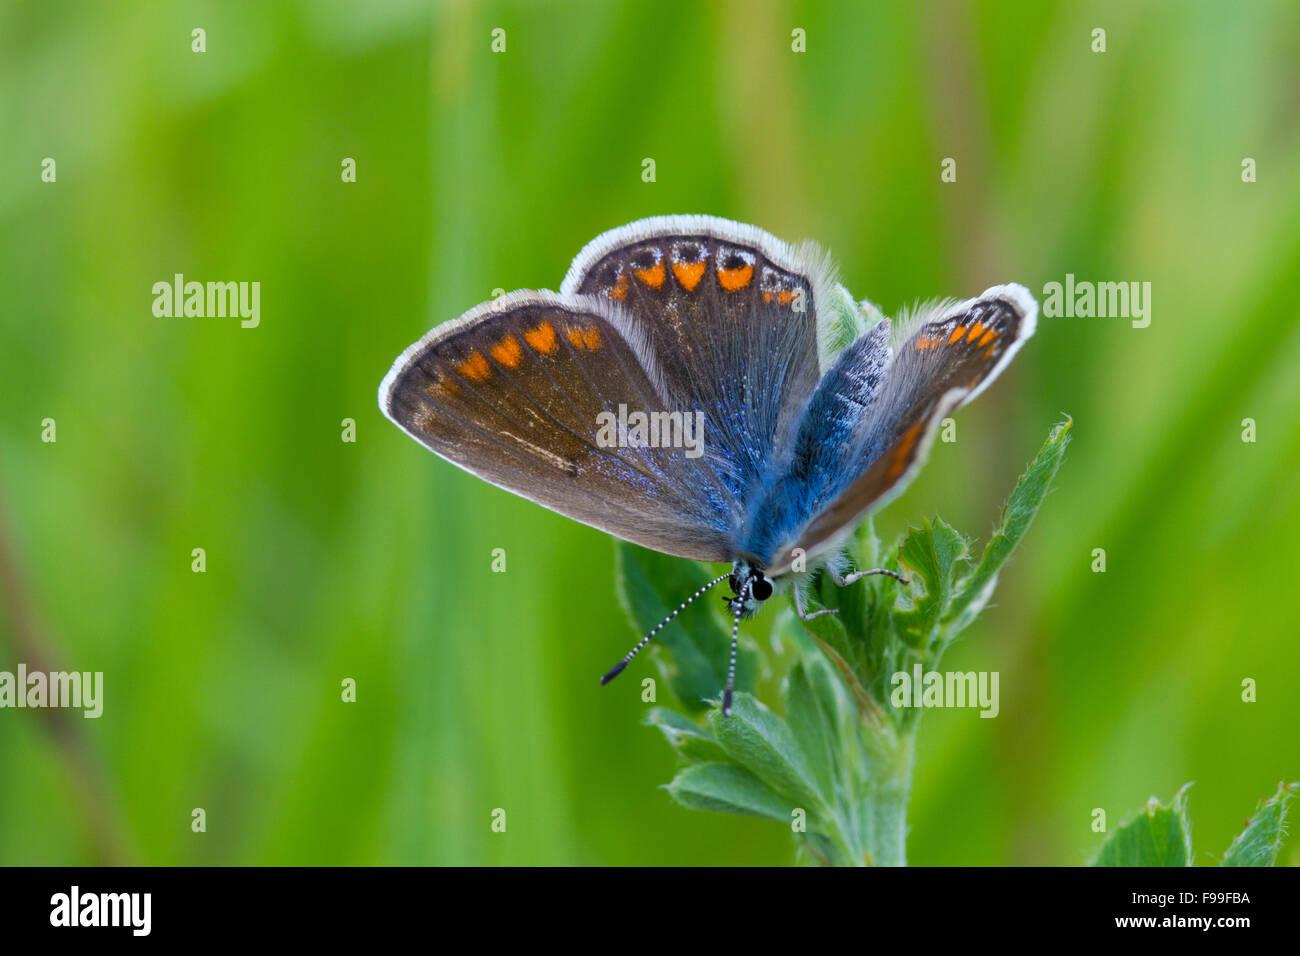 Mariposa Azul común (Polyommatus icarus) hembras adultas. En el Causse de Gramat, región de Lot, Francia. Imagen De Stock